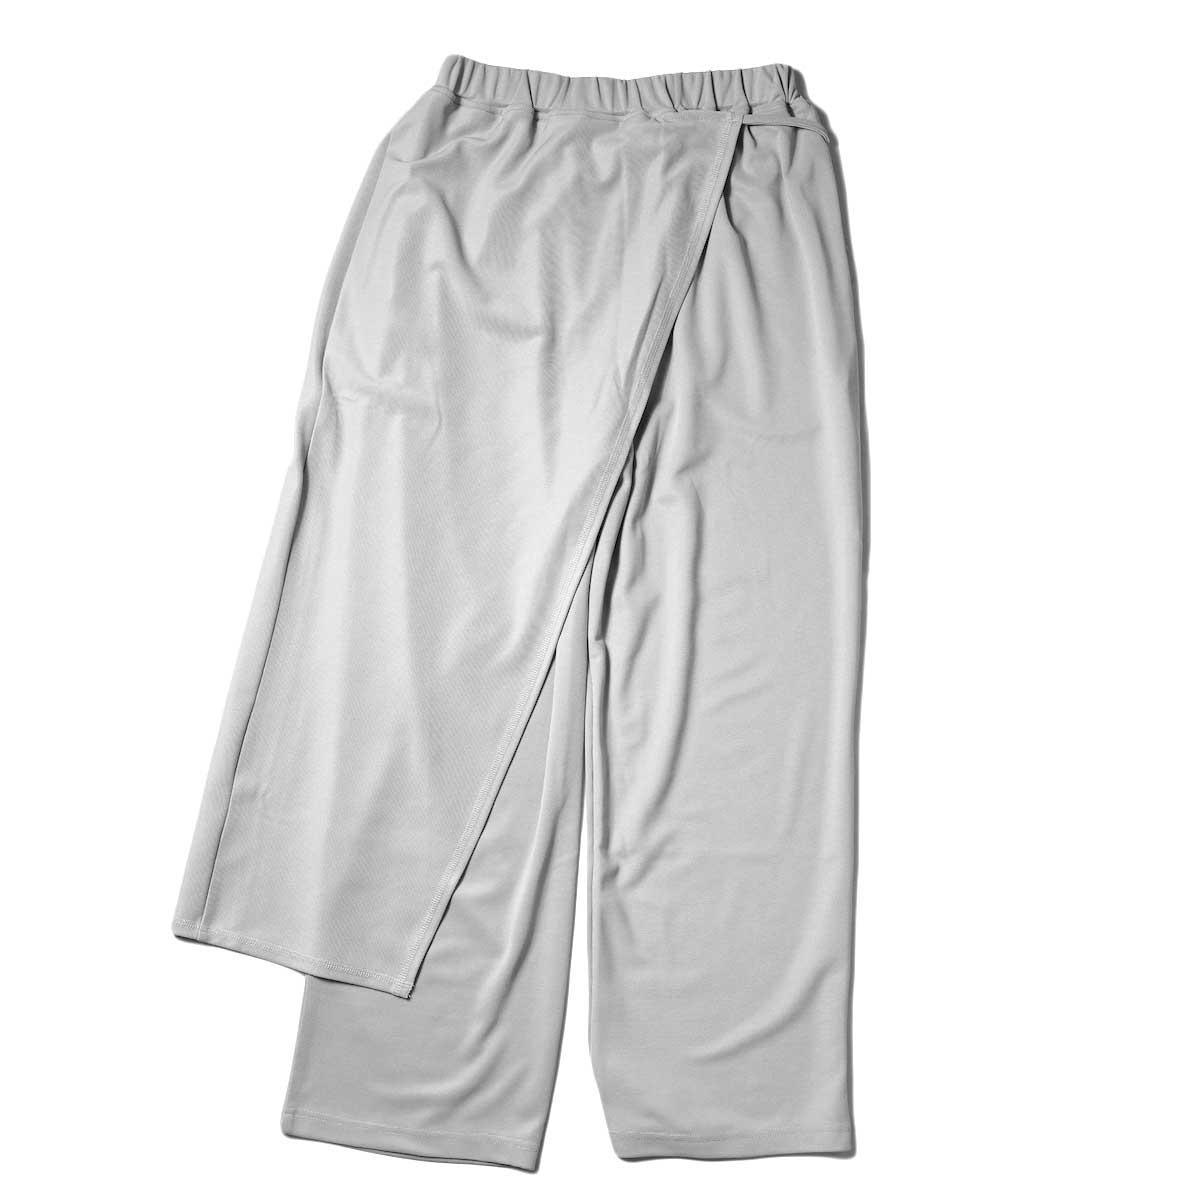 KHA:KI / SIDE WRAP PANTS (Grayge) 背面